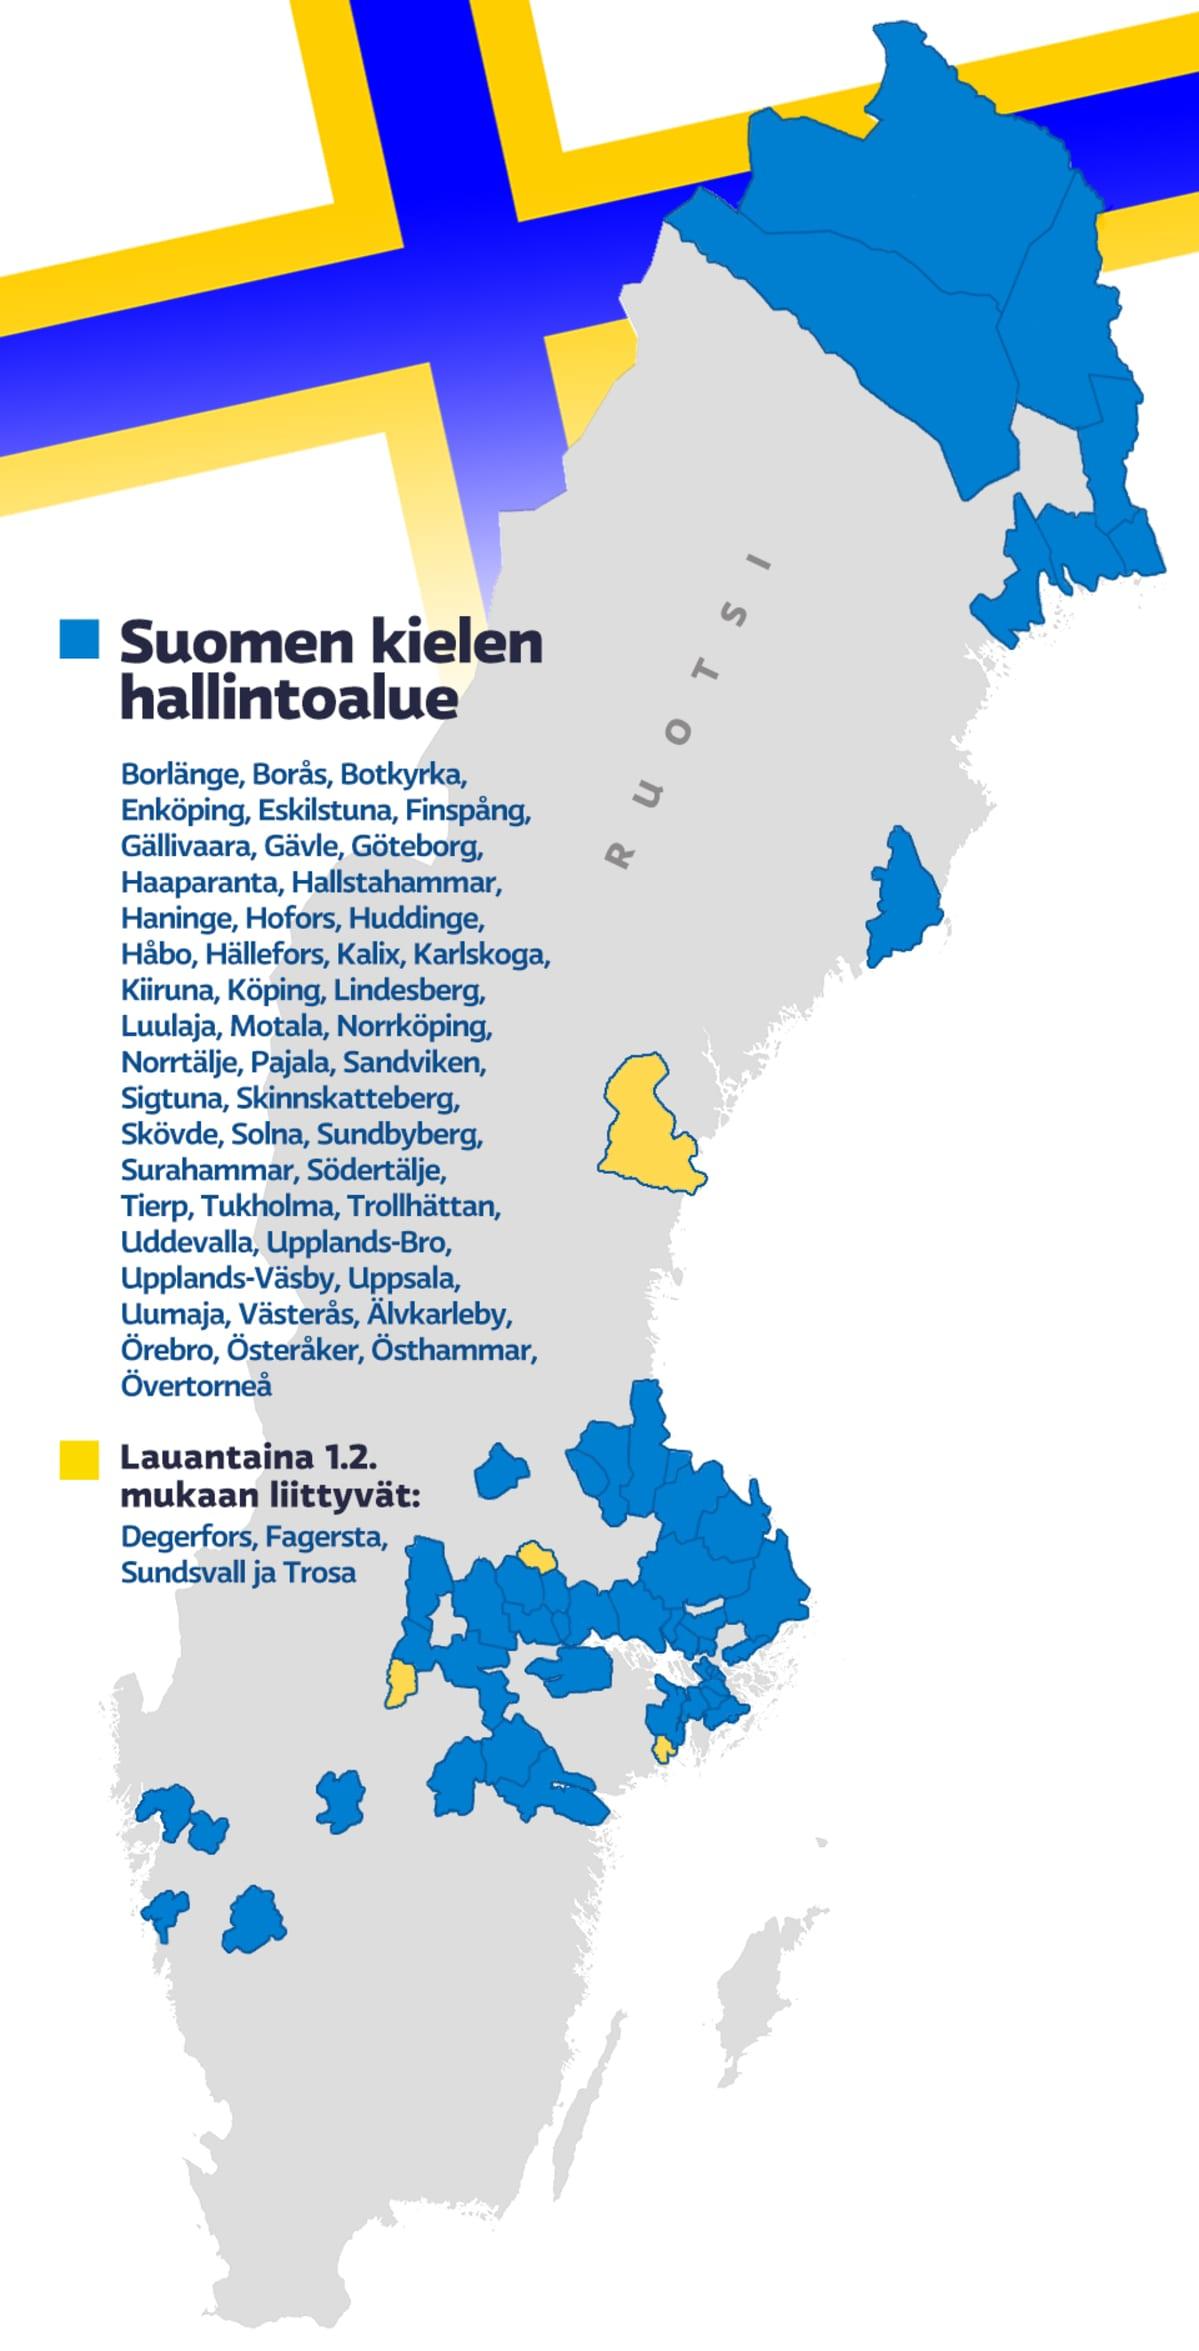 Suomen Kieli Valtaa Tilaa Ruotsissa Se On Mahtava Tunne Yle